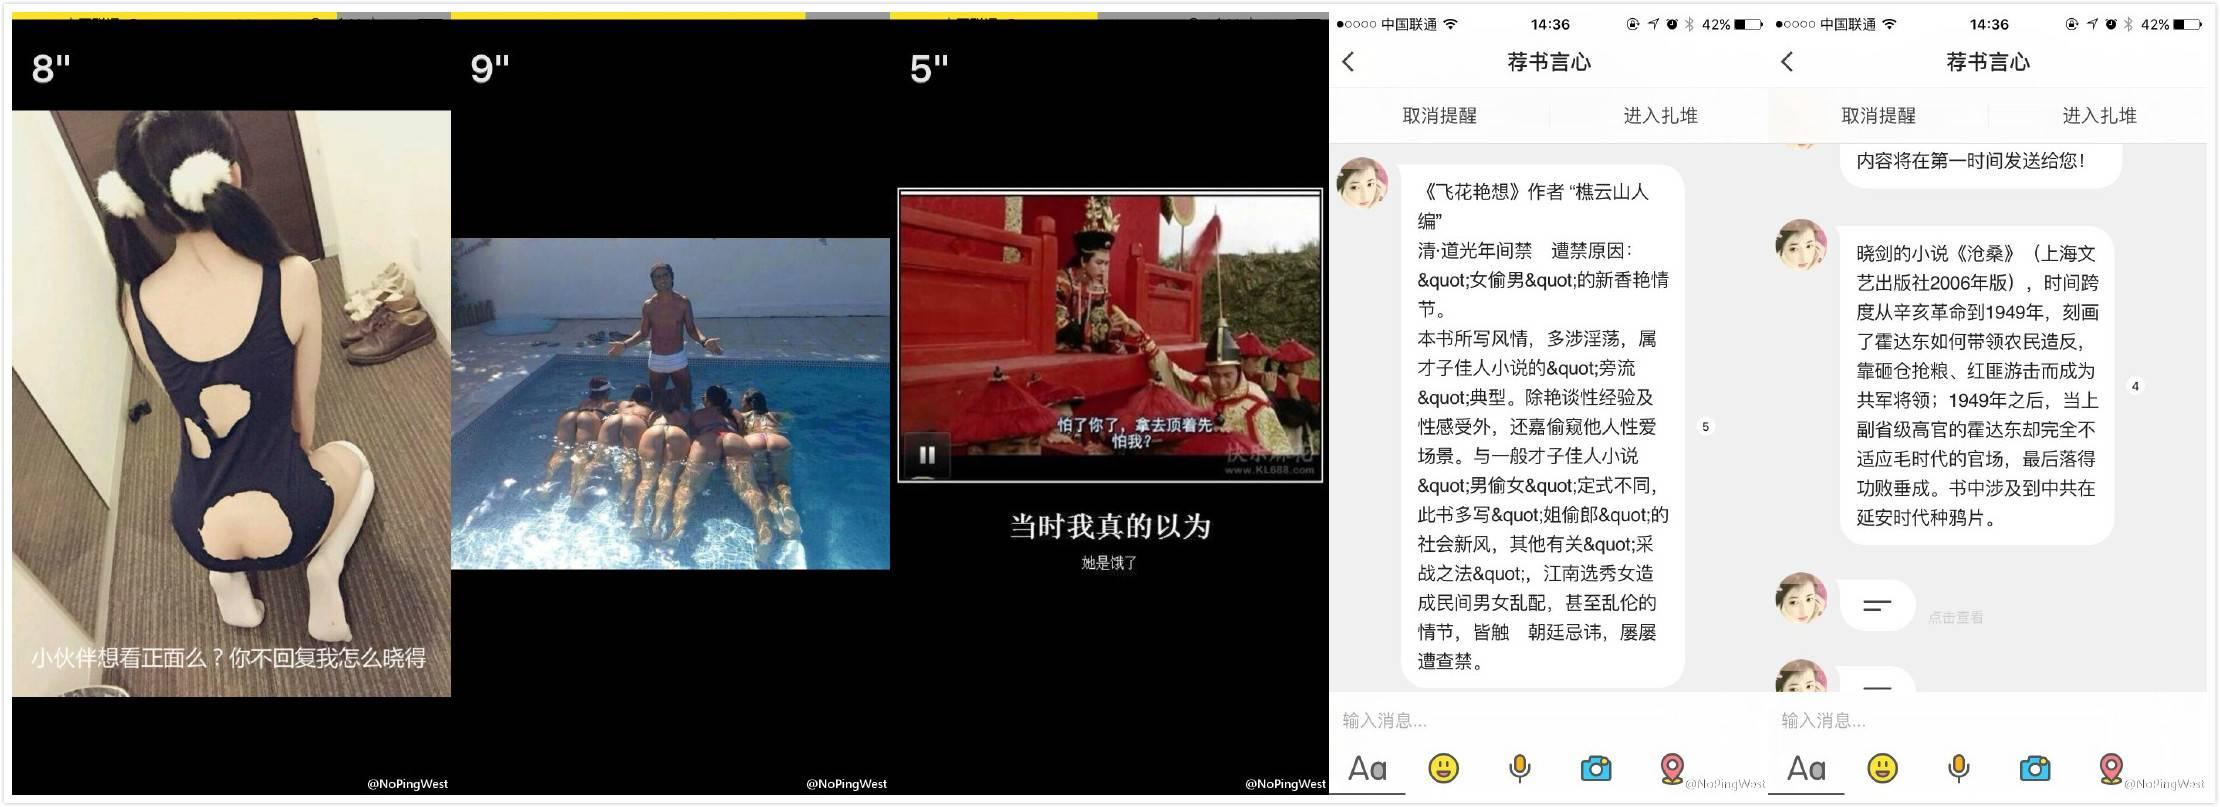 diandianchong-screenshots-2